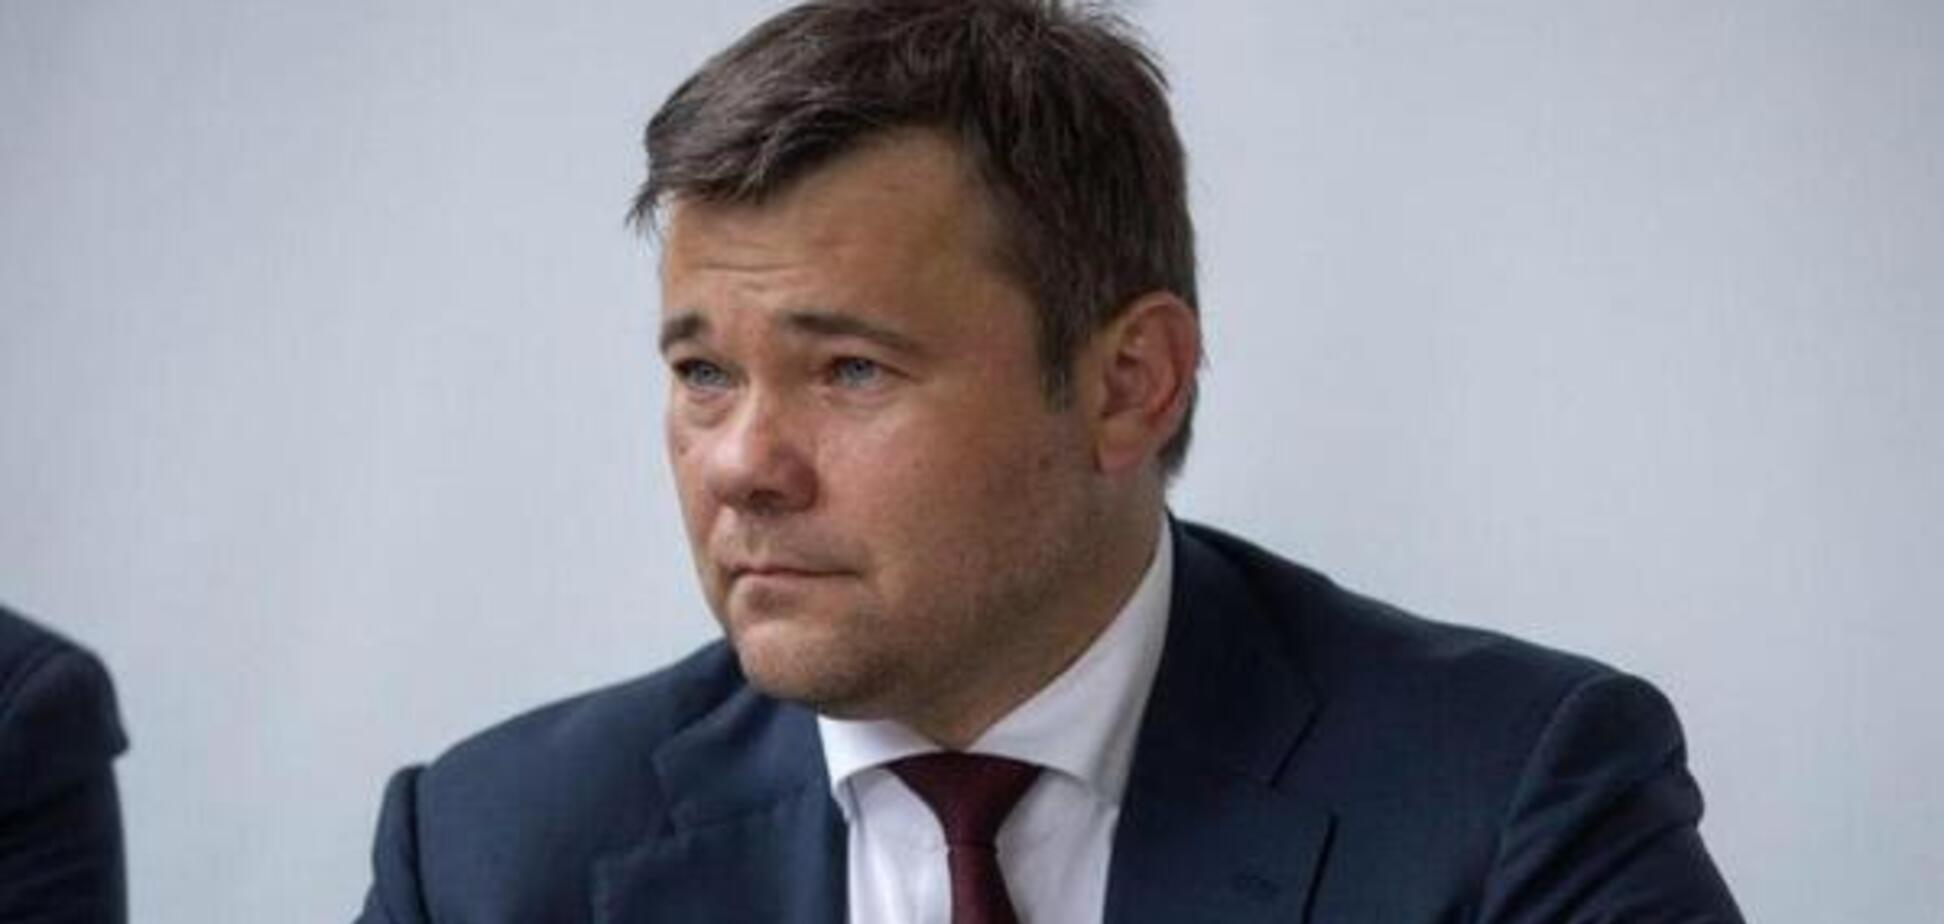 Росія повідомила про обмін полоненими: у Зеленського дали перший коментар